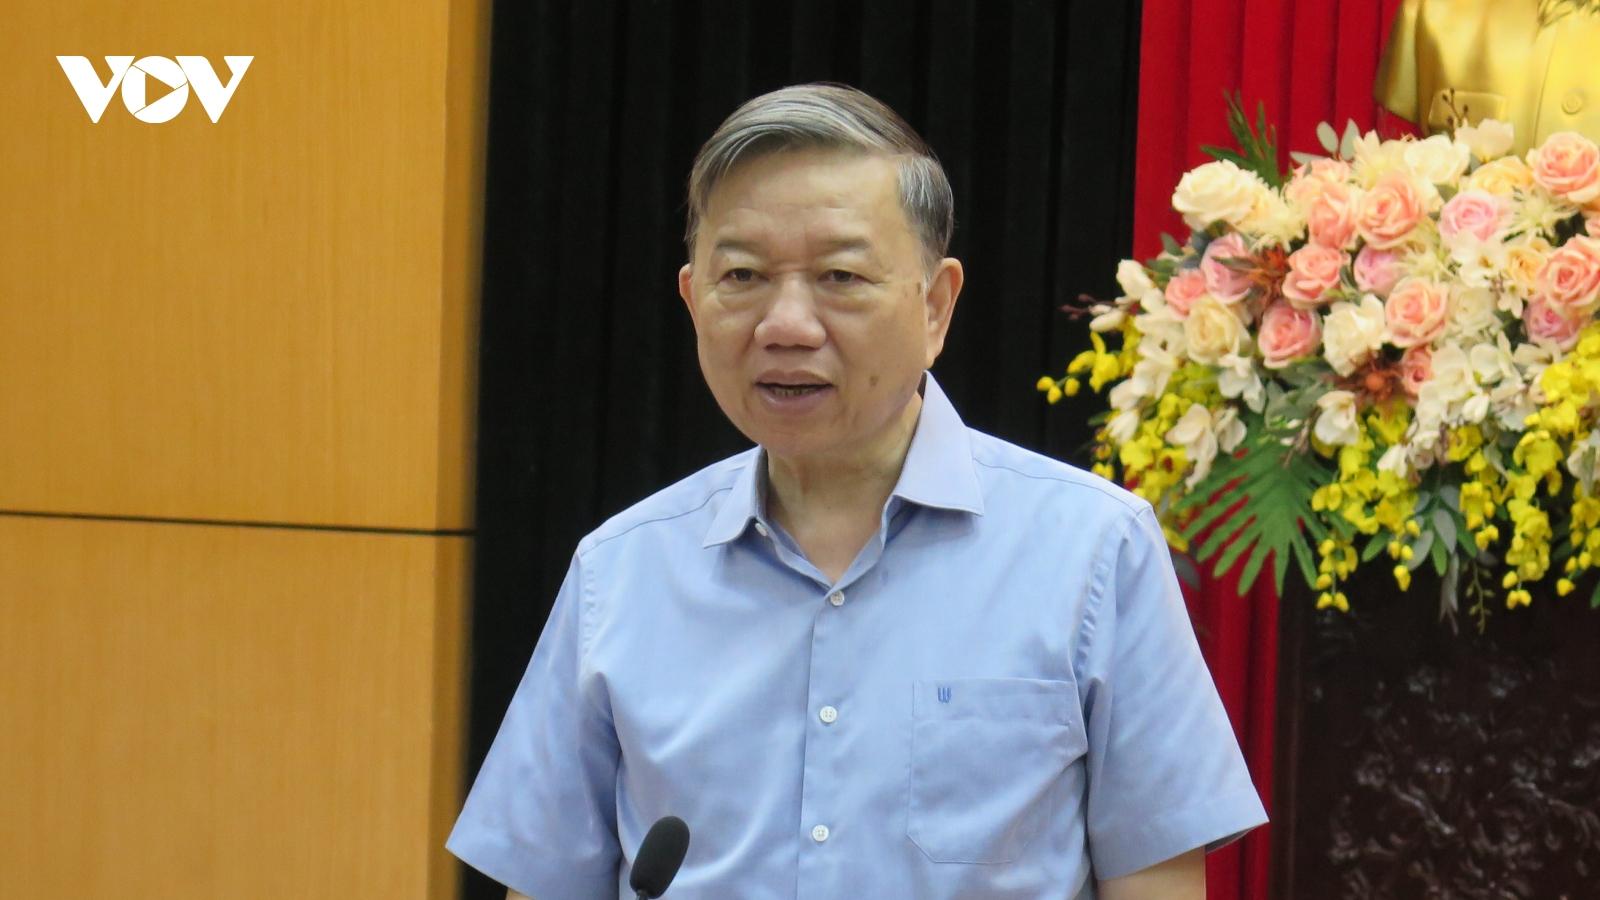 Đại tướng Tô Lâm: Đấu tranh phản bác luận điệu sai trái về bầu cử